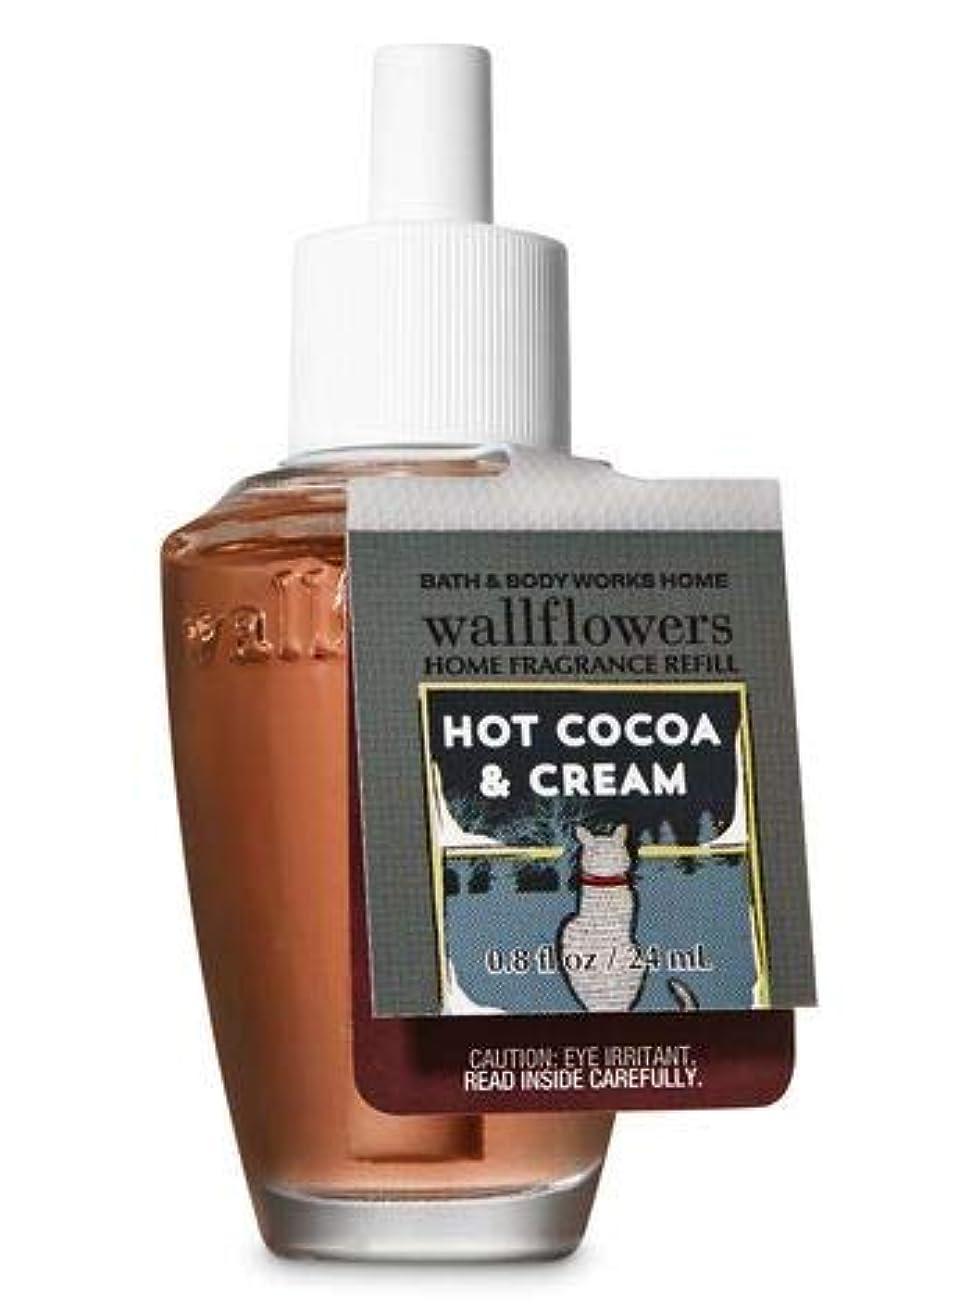 オープナー区別クッション【Bath&Body Works/バス&ボディワークス】 ルームフレグランス 詰替えリフィル ホットココア&クリーム Wallflowers Home Fragrance Refill Hot Cocoa & Cream [並行輸入品]